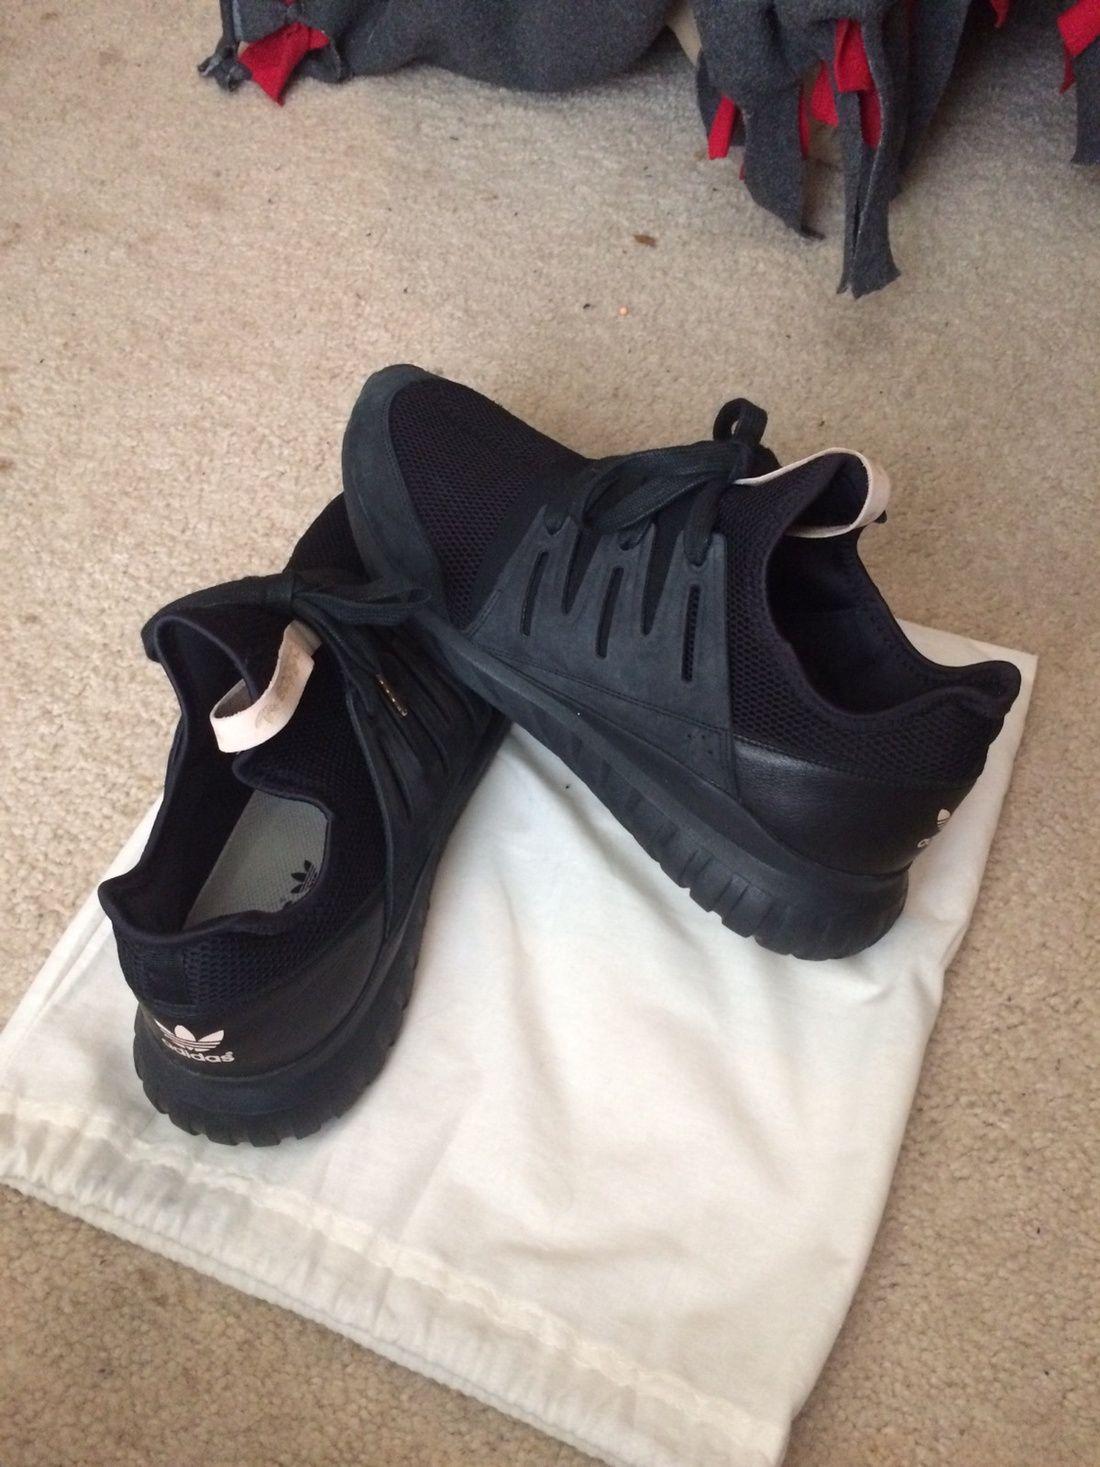 fcf8c04b5f Adidas Custom Adidas Tubular's Size US 14 / EU 47 | Men's clothing ...